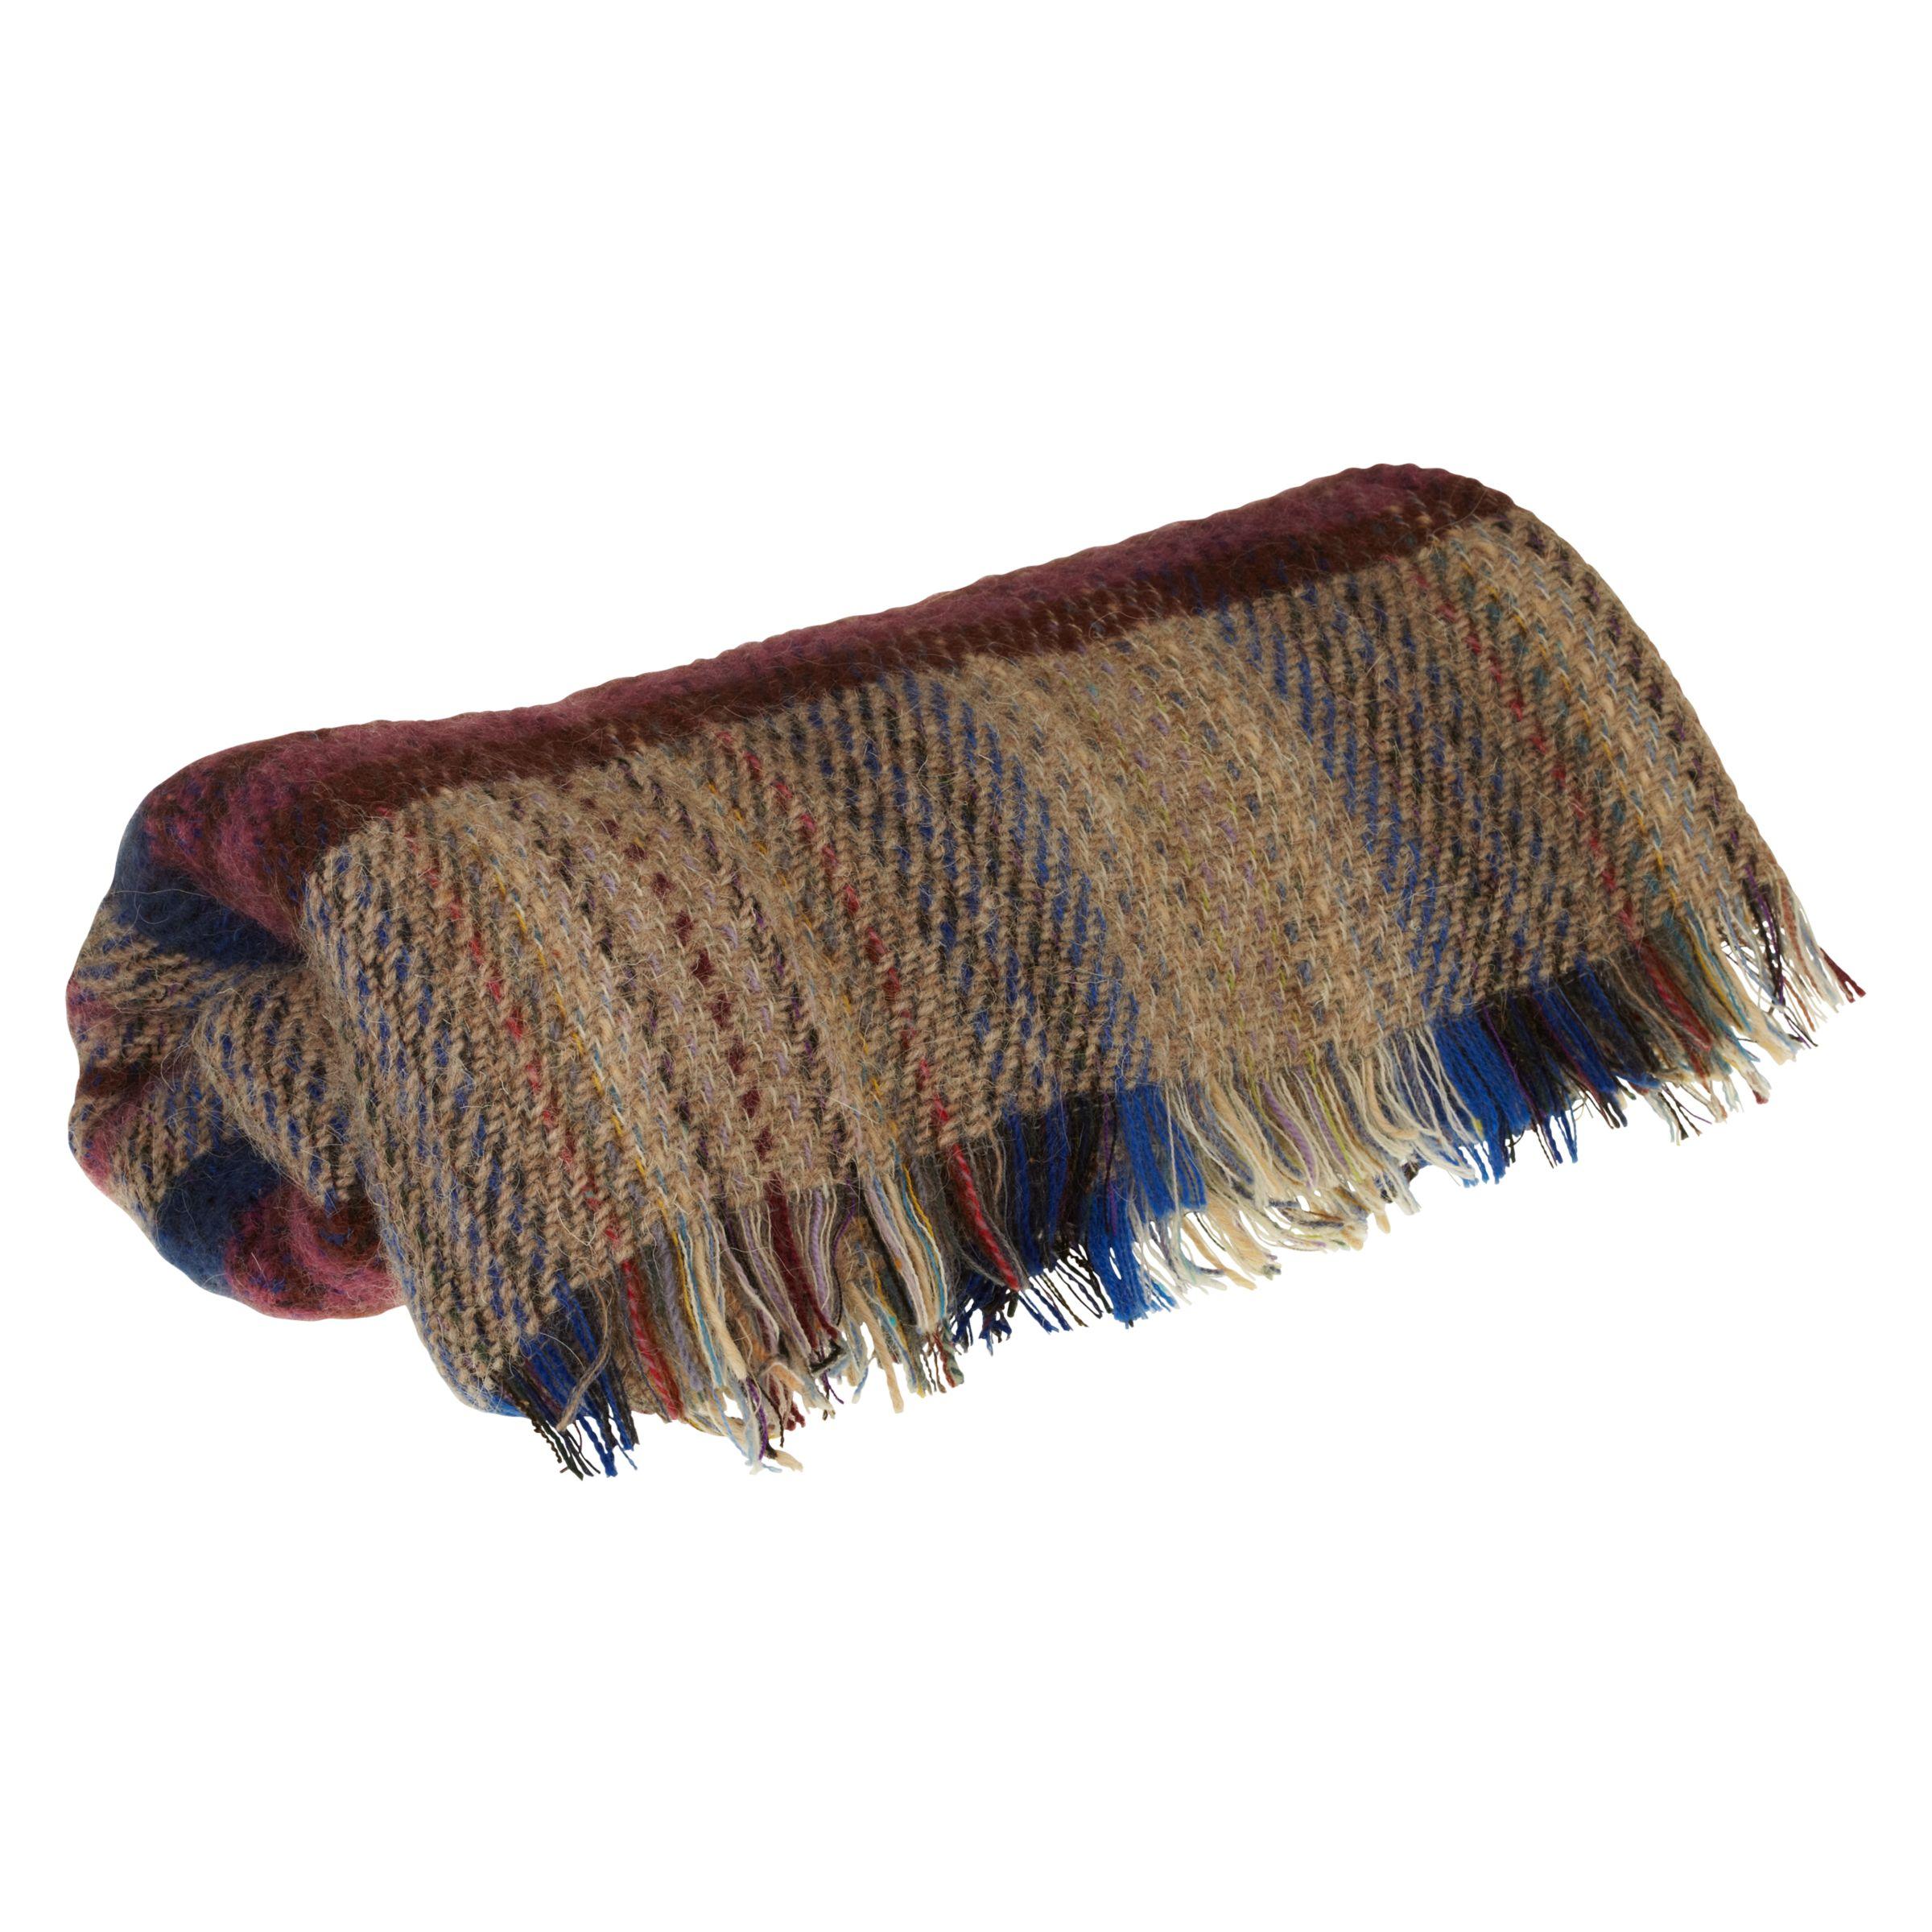 John Lewis Recycled Wool Picnic Rug